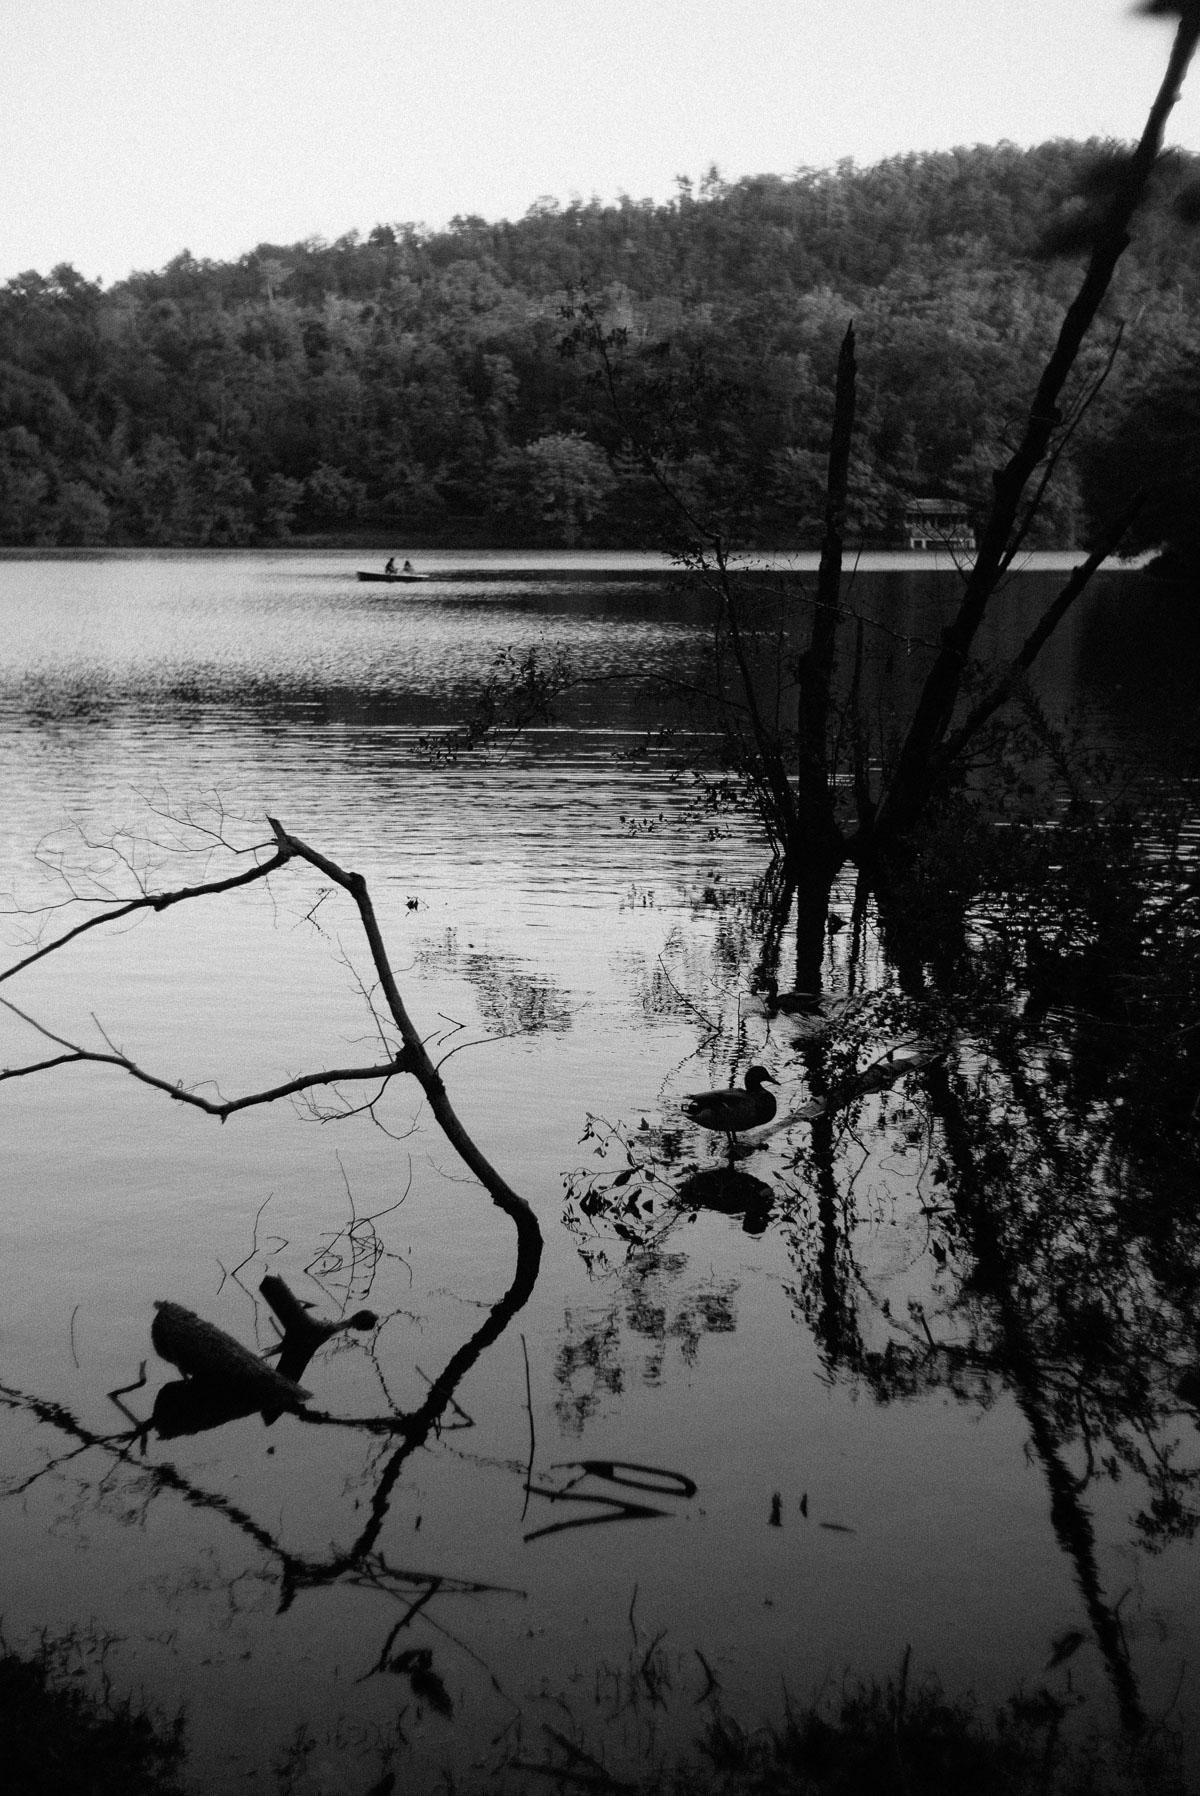 宝ヶ池公園 カモとボート